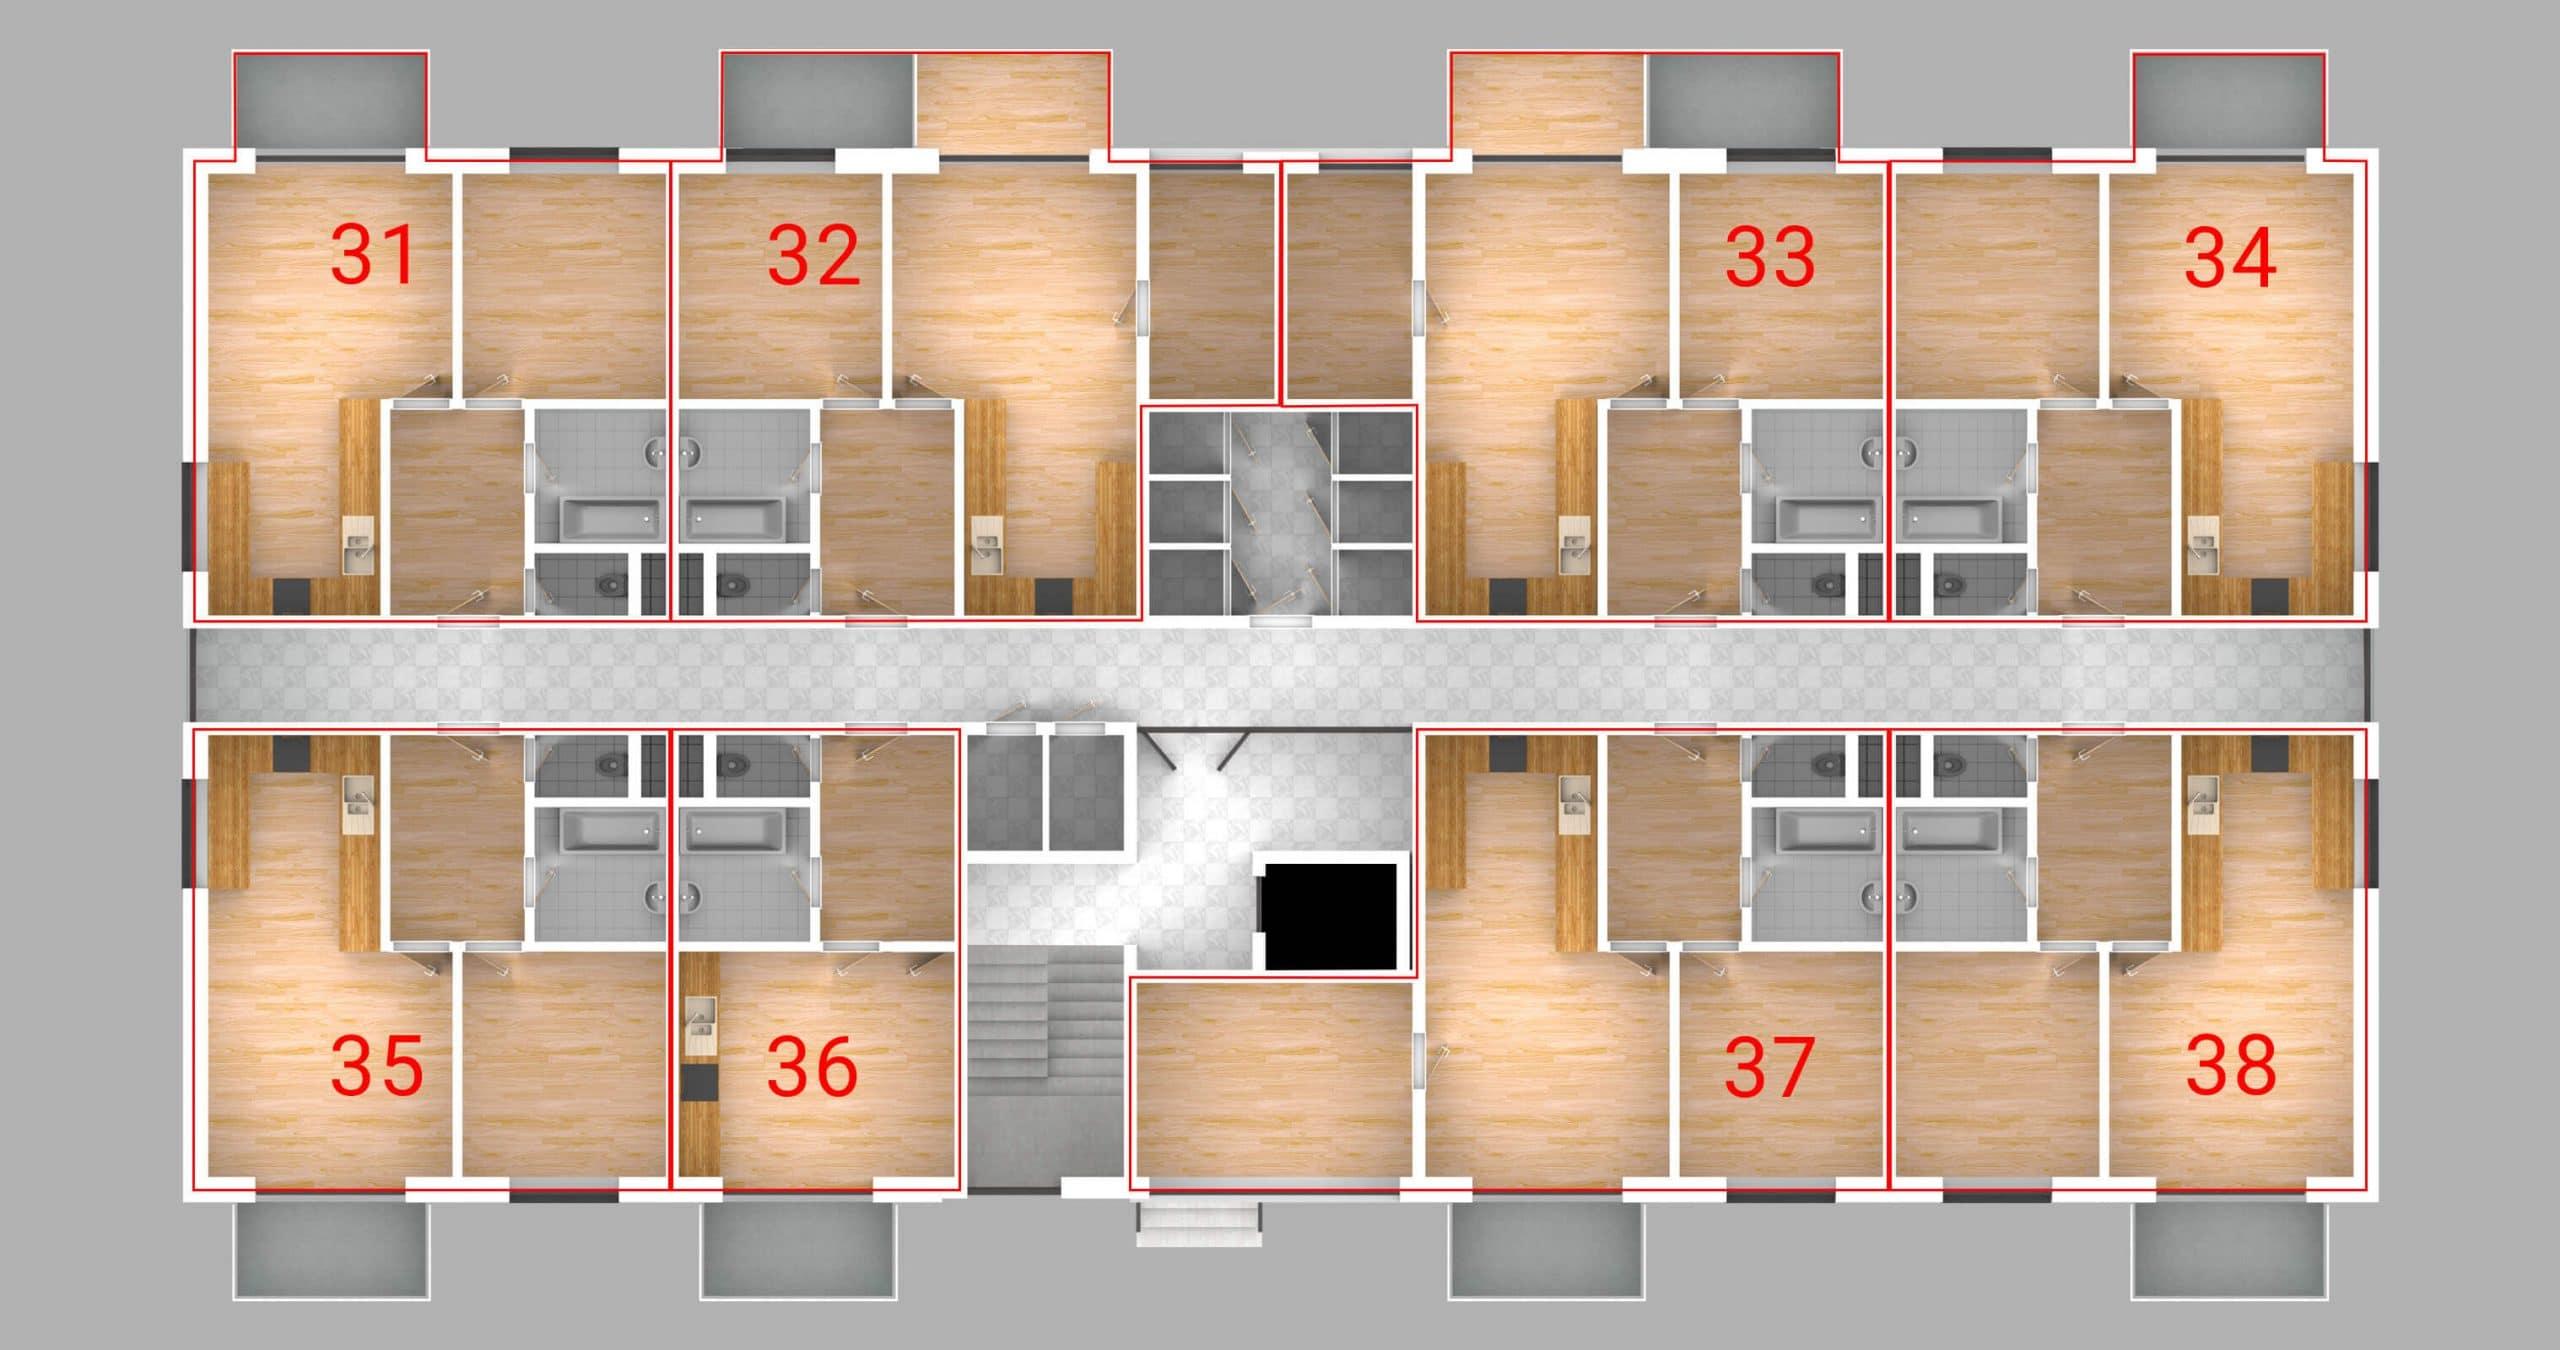 Bytovy dom vivien dispozicie bytov 3.P scaled